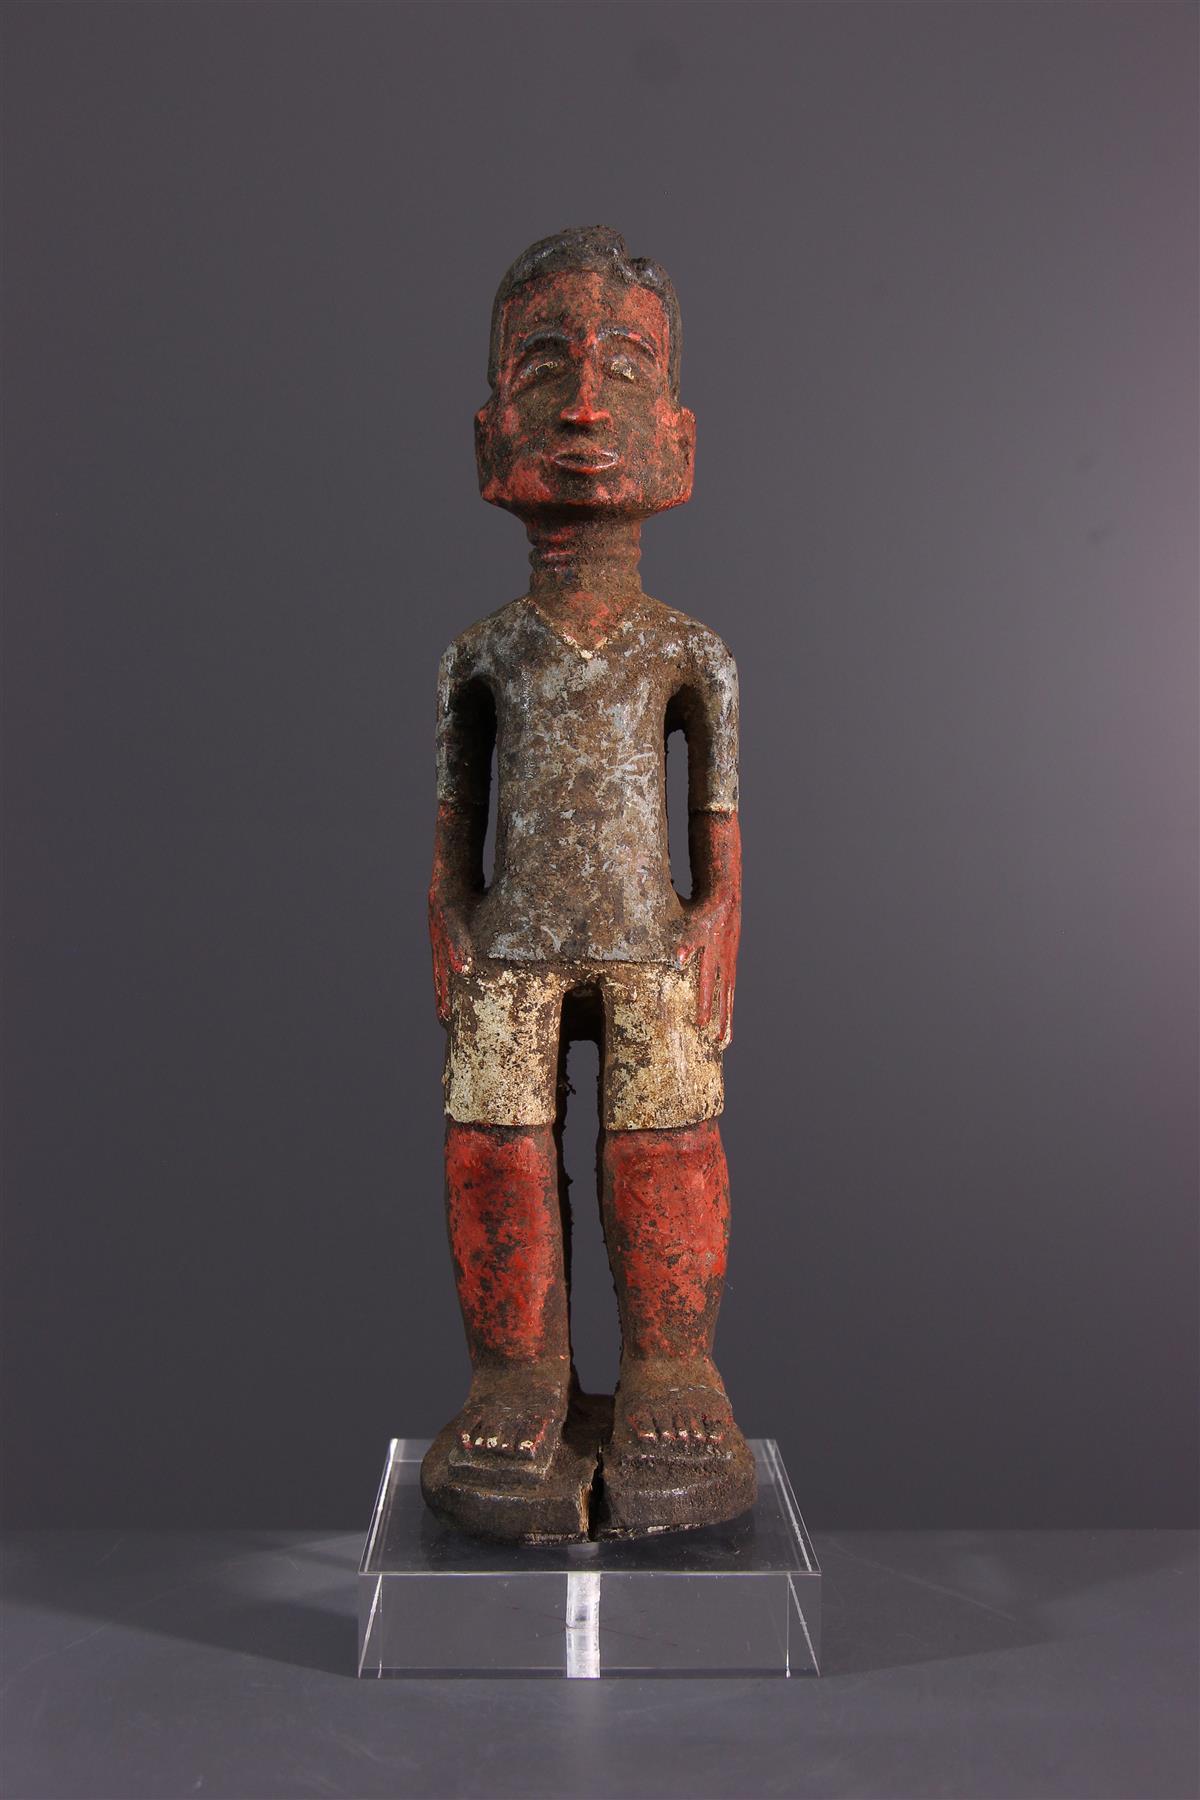 Baoule colon - Tribal art